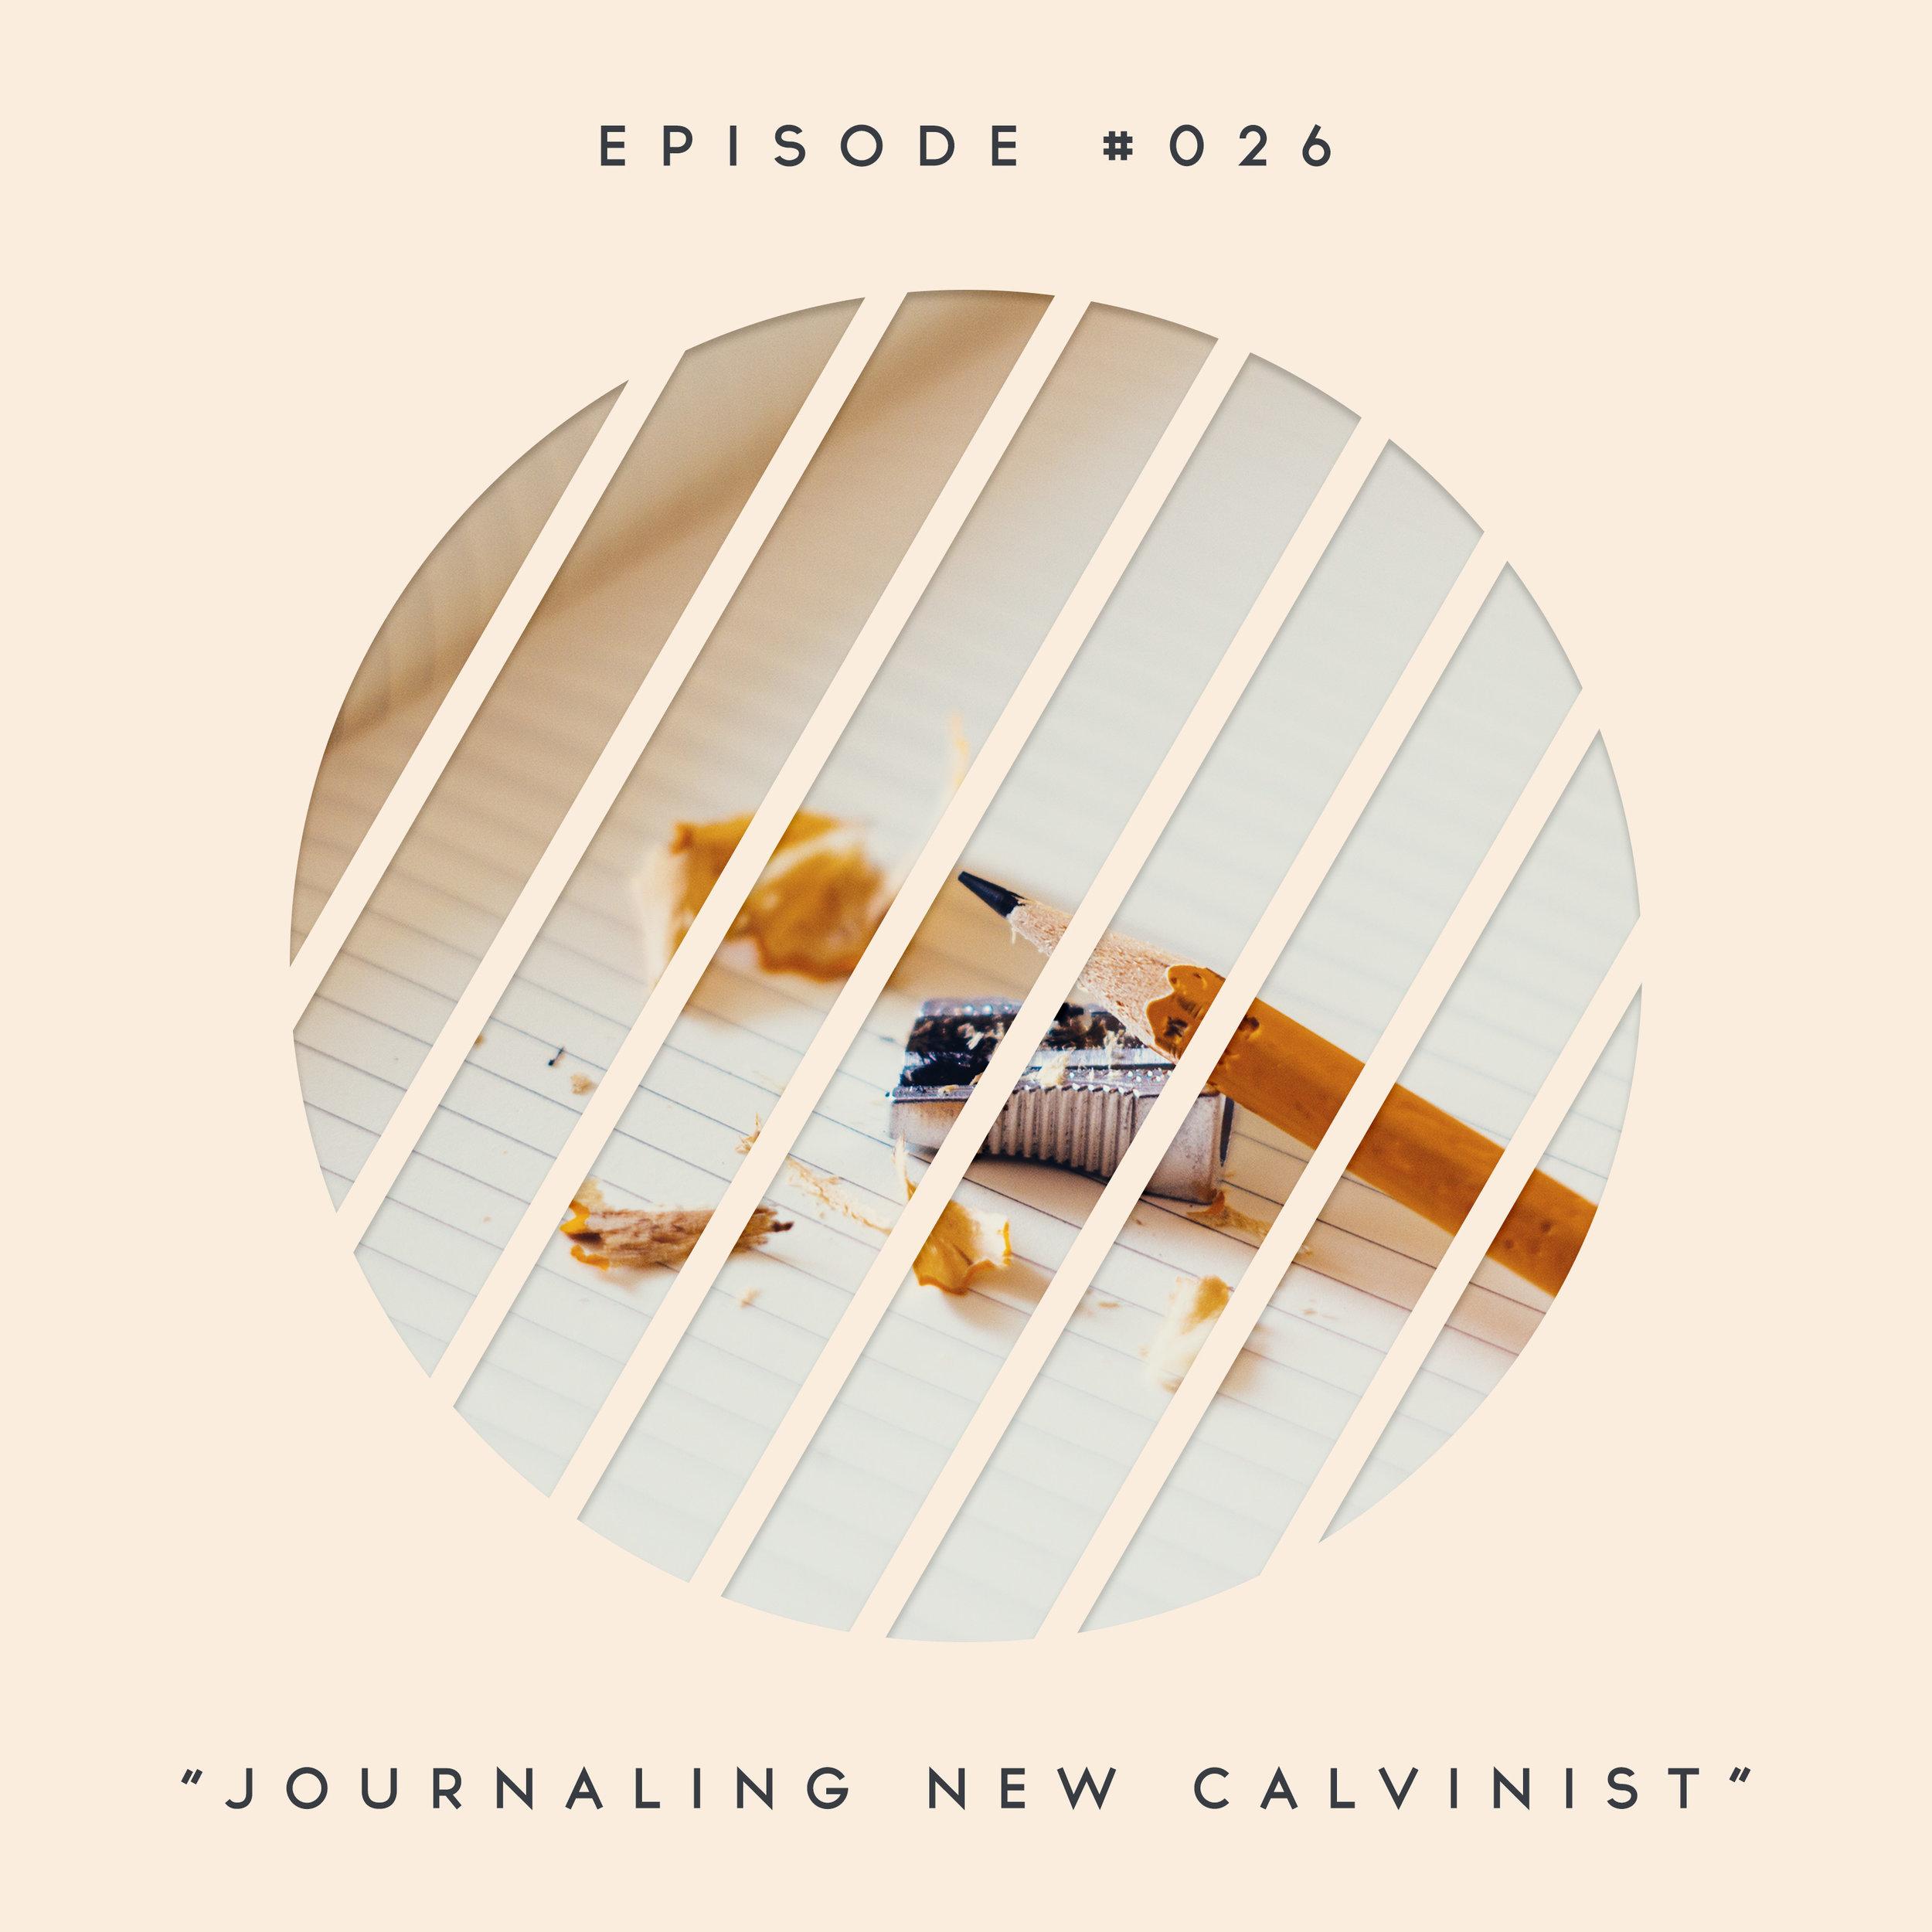 Journaling-New-Calvinist.jpg